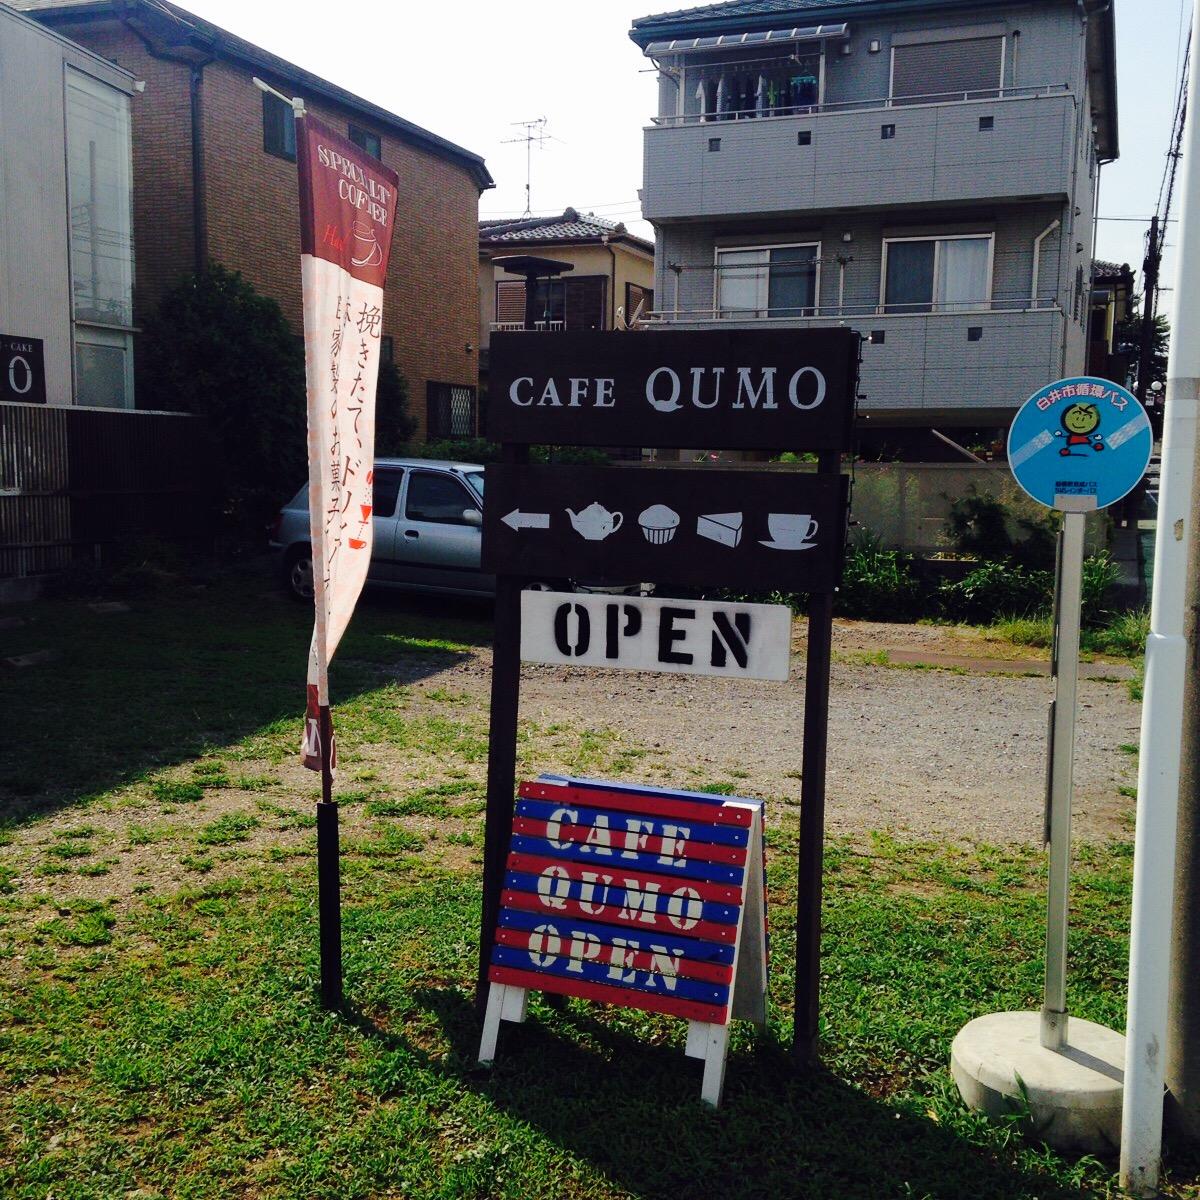 住宅地にあるレトロな雰囲気の隠れ家カフェ『CAFE QUMO(カフェ雲)』(千葉県白井市)